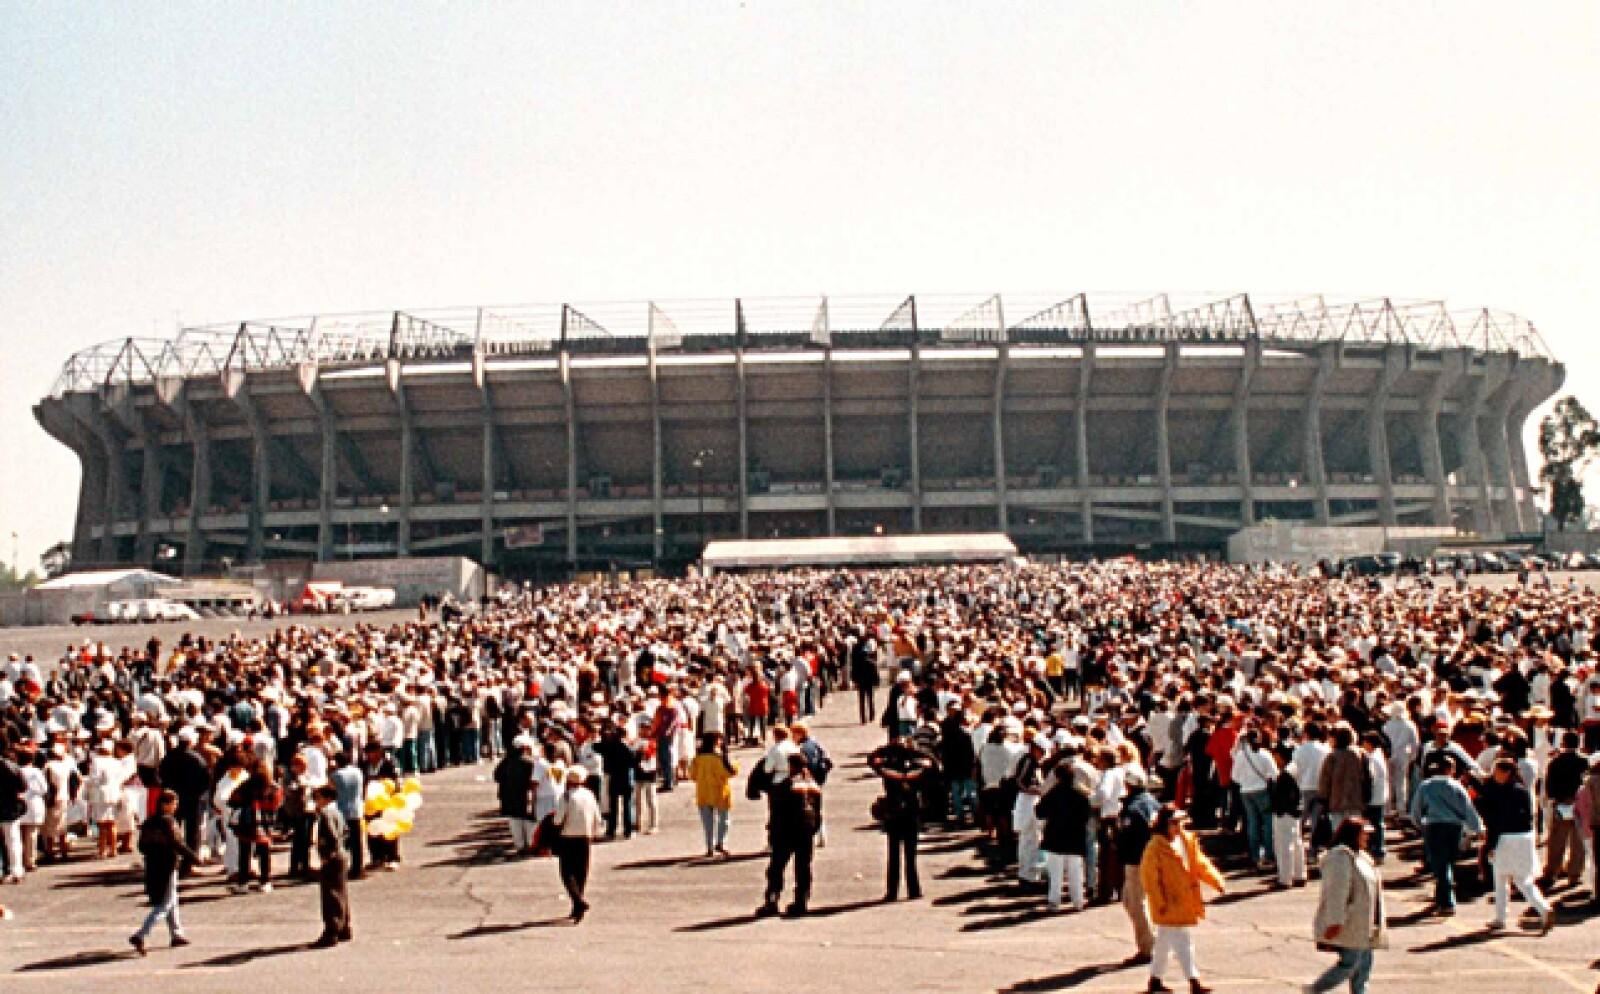 En 1999 tuvo su cuarta visita, tercera a la Ciudad de México en donde reunió a decenas de miles en el Estadio Azteca.